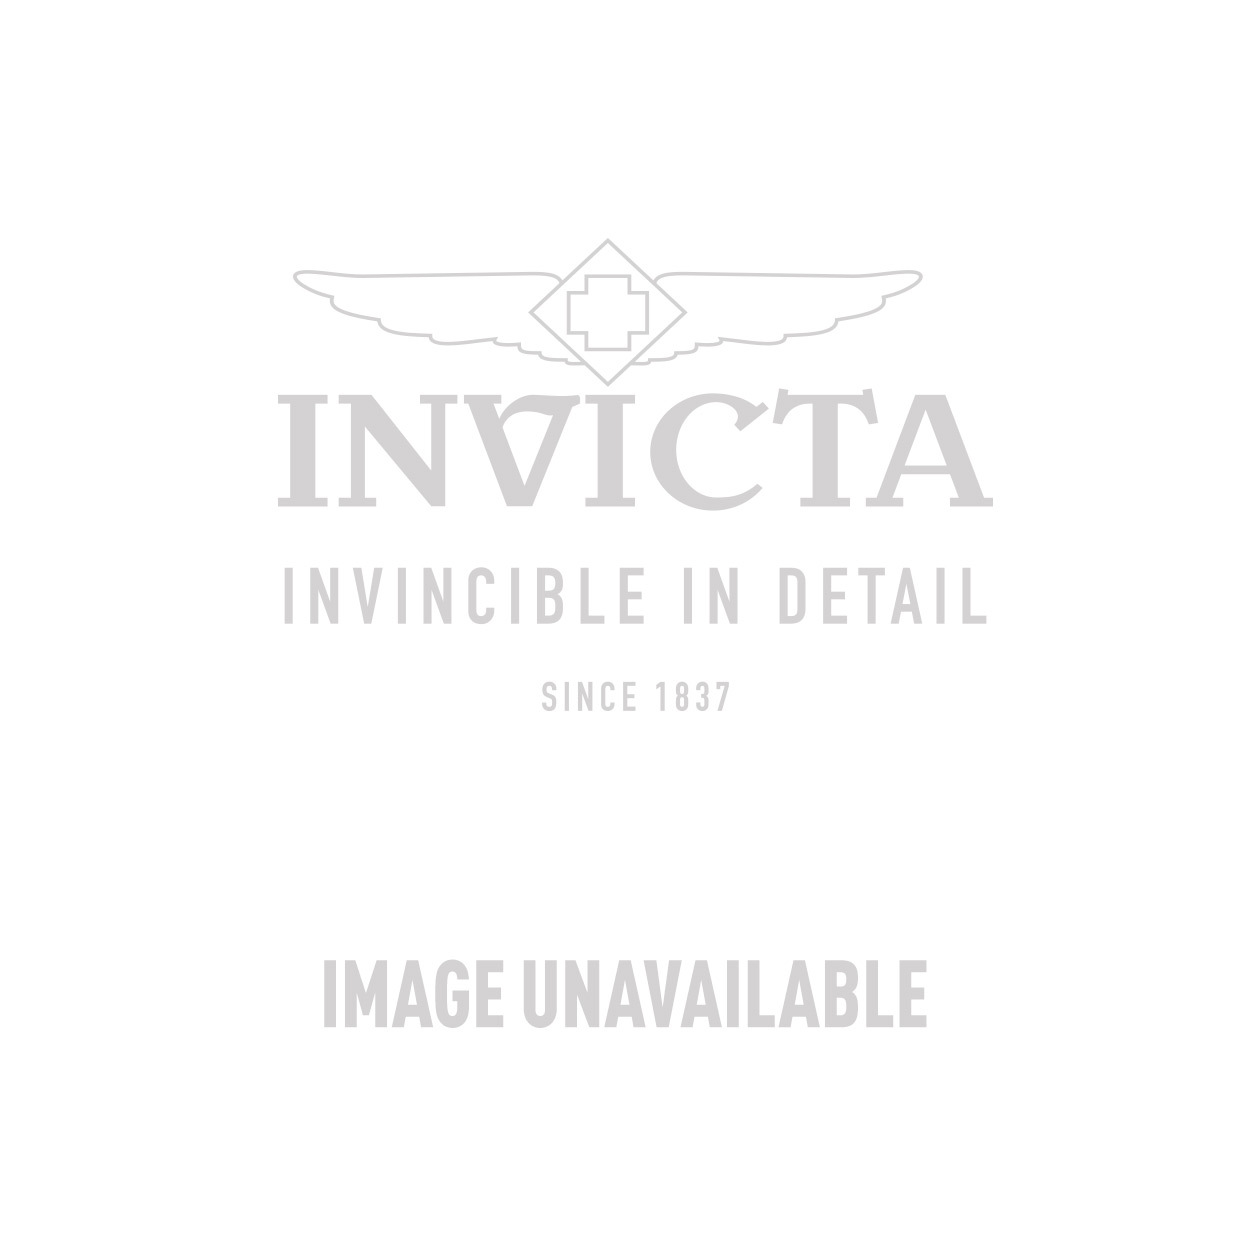 Invicta Model 25770